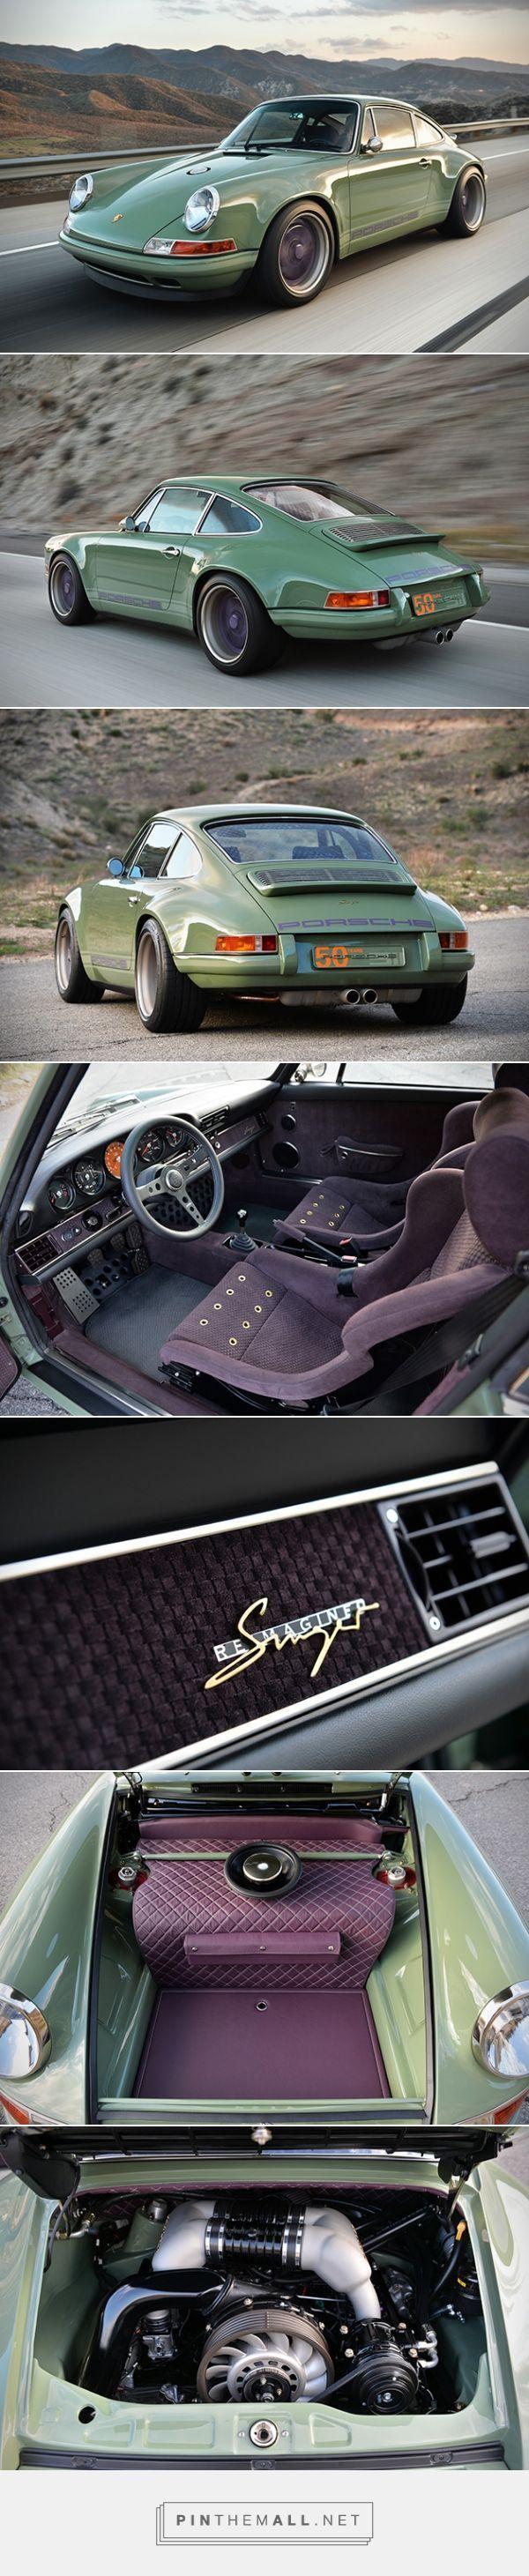 Dies ist meine Lieblingsfarbe und das Jahr des Porsche 911. Sänger hat auf der Ober